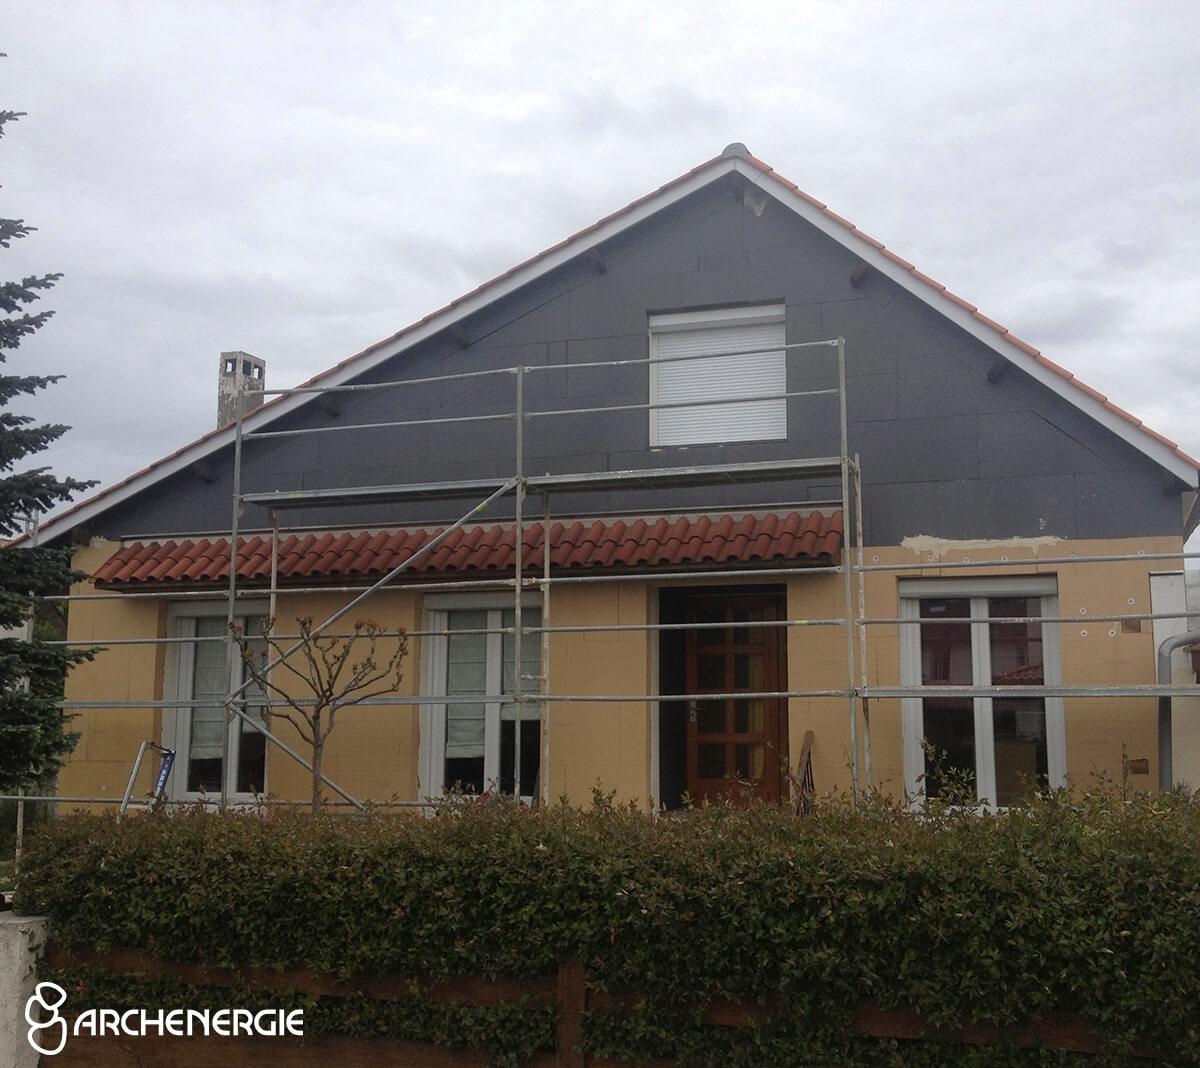 maison bordeaux bastide gironde 33 pendant les travaux d'isolation thermique extérieure